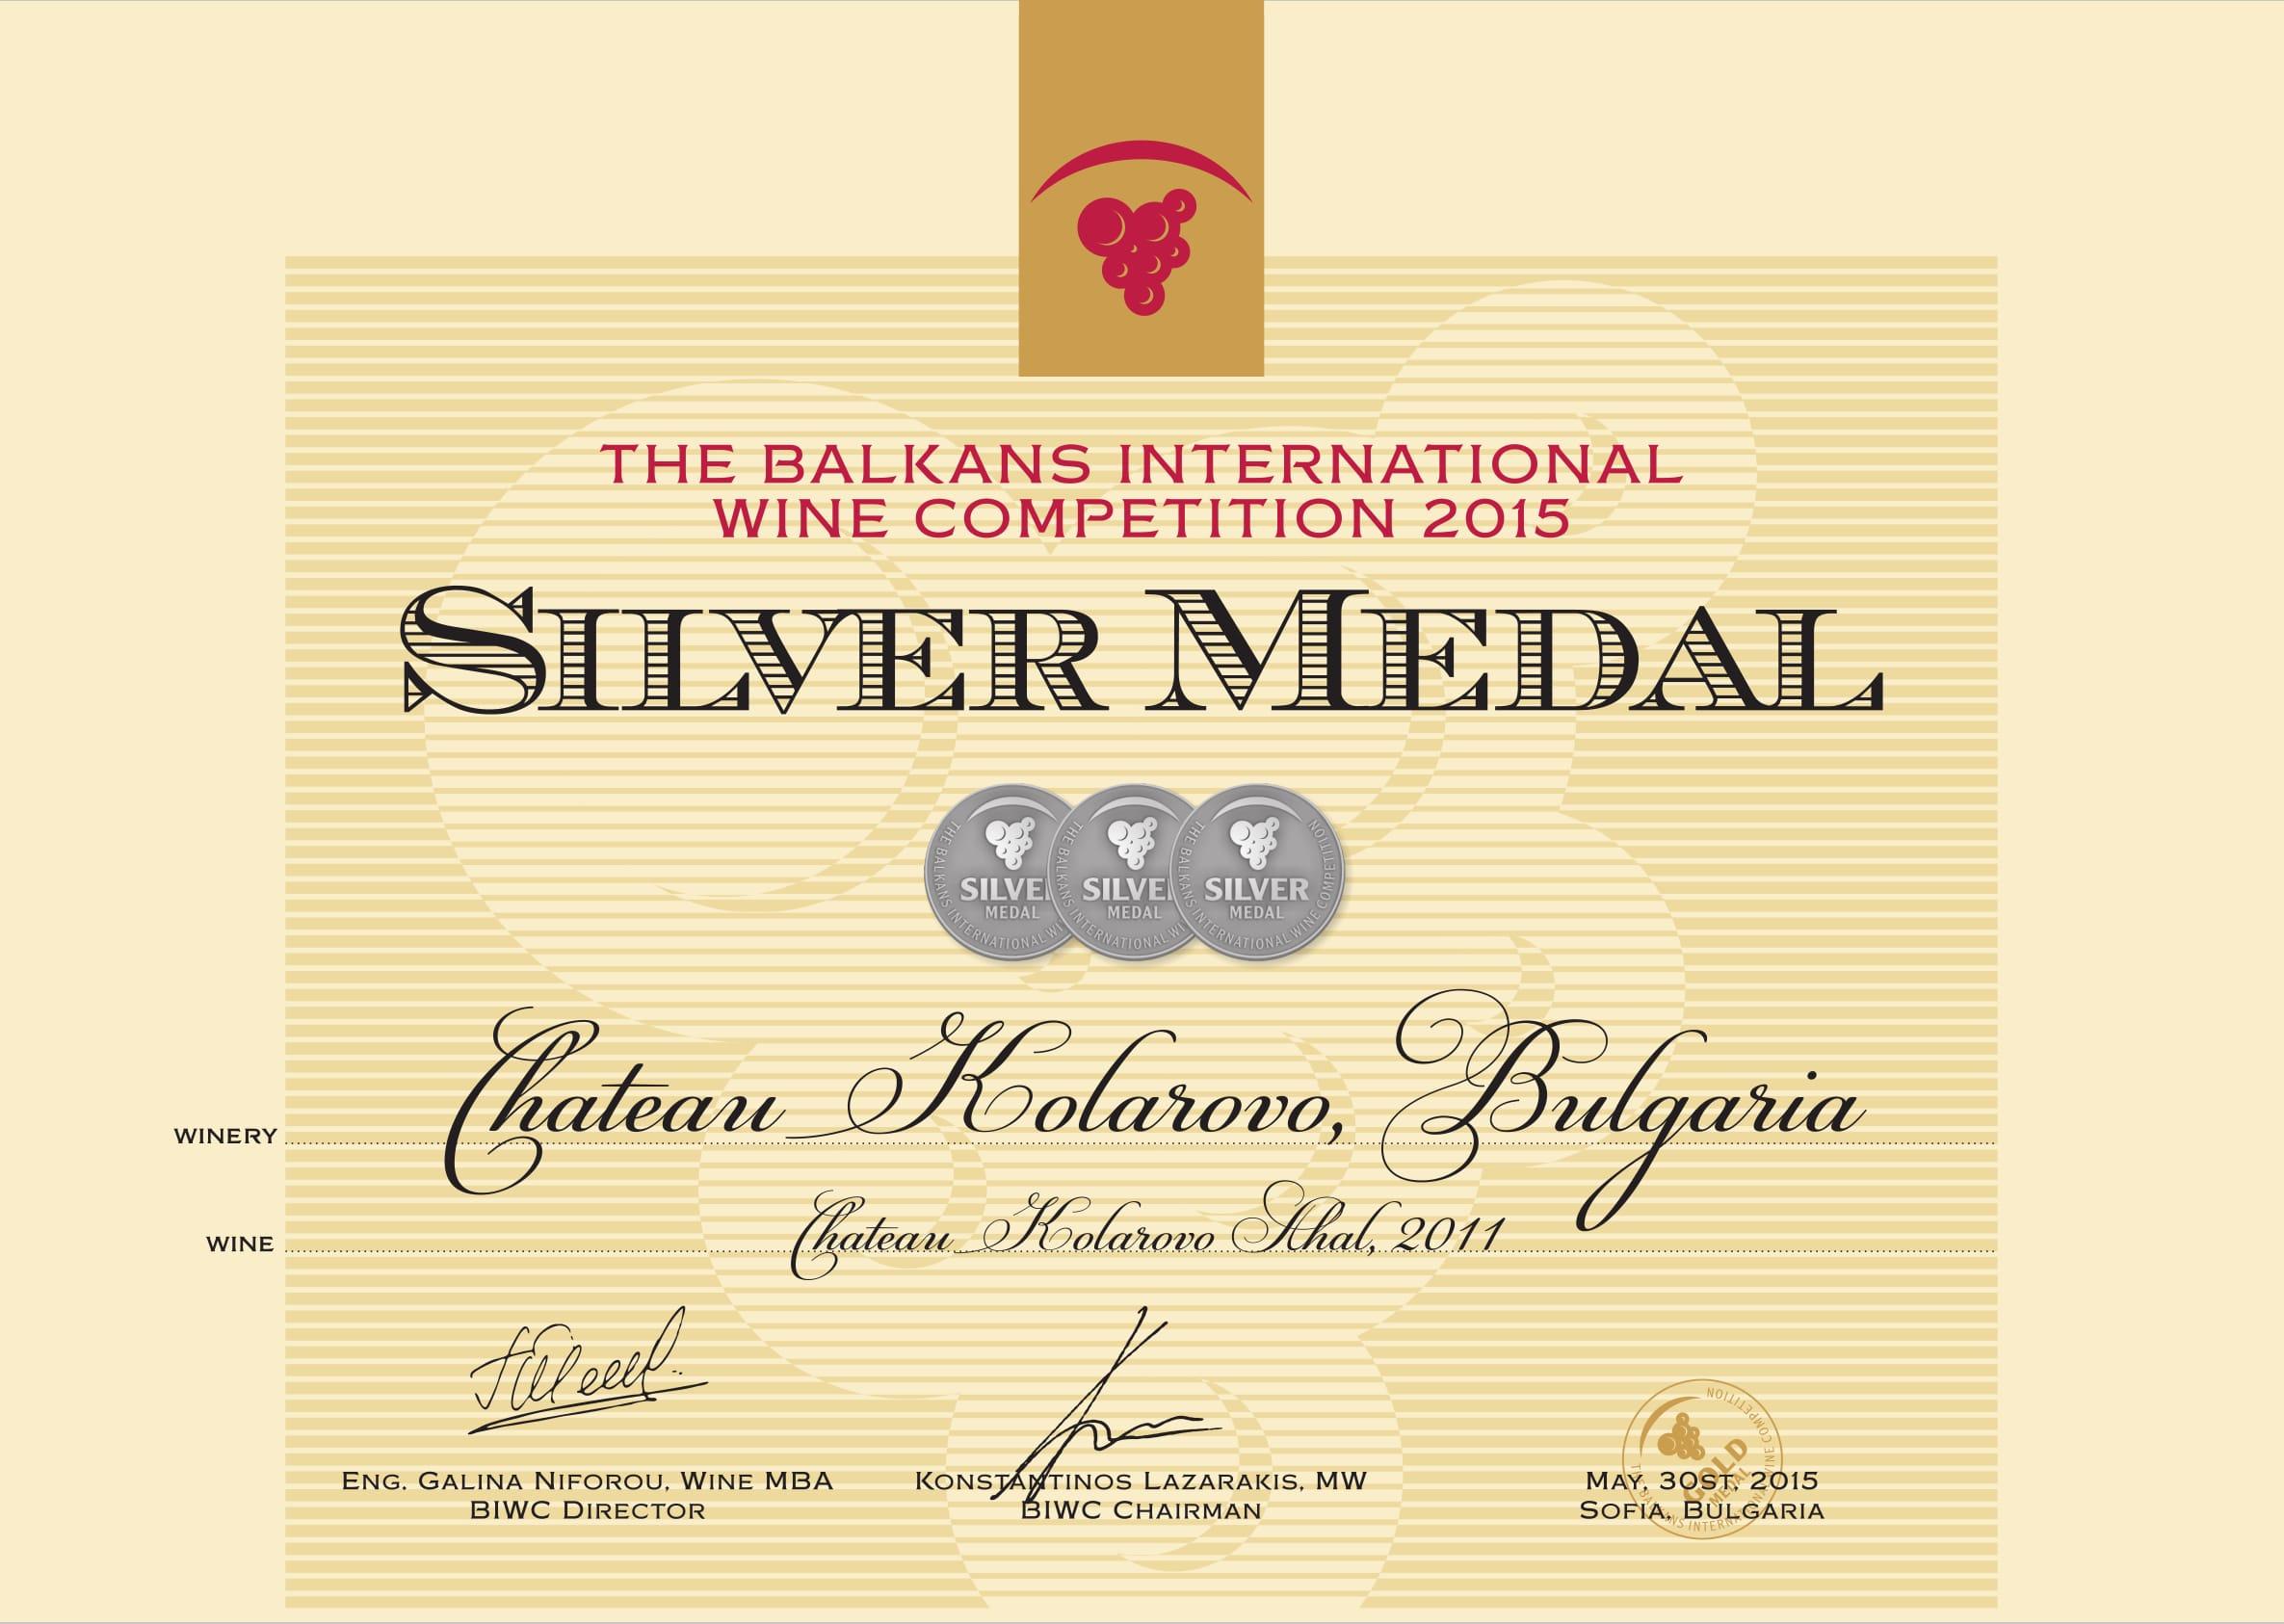 """Награда от BIWC 2015 за винена серия Ахал 2011 на """"Шато Коларово"""""""